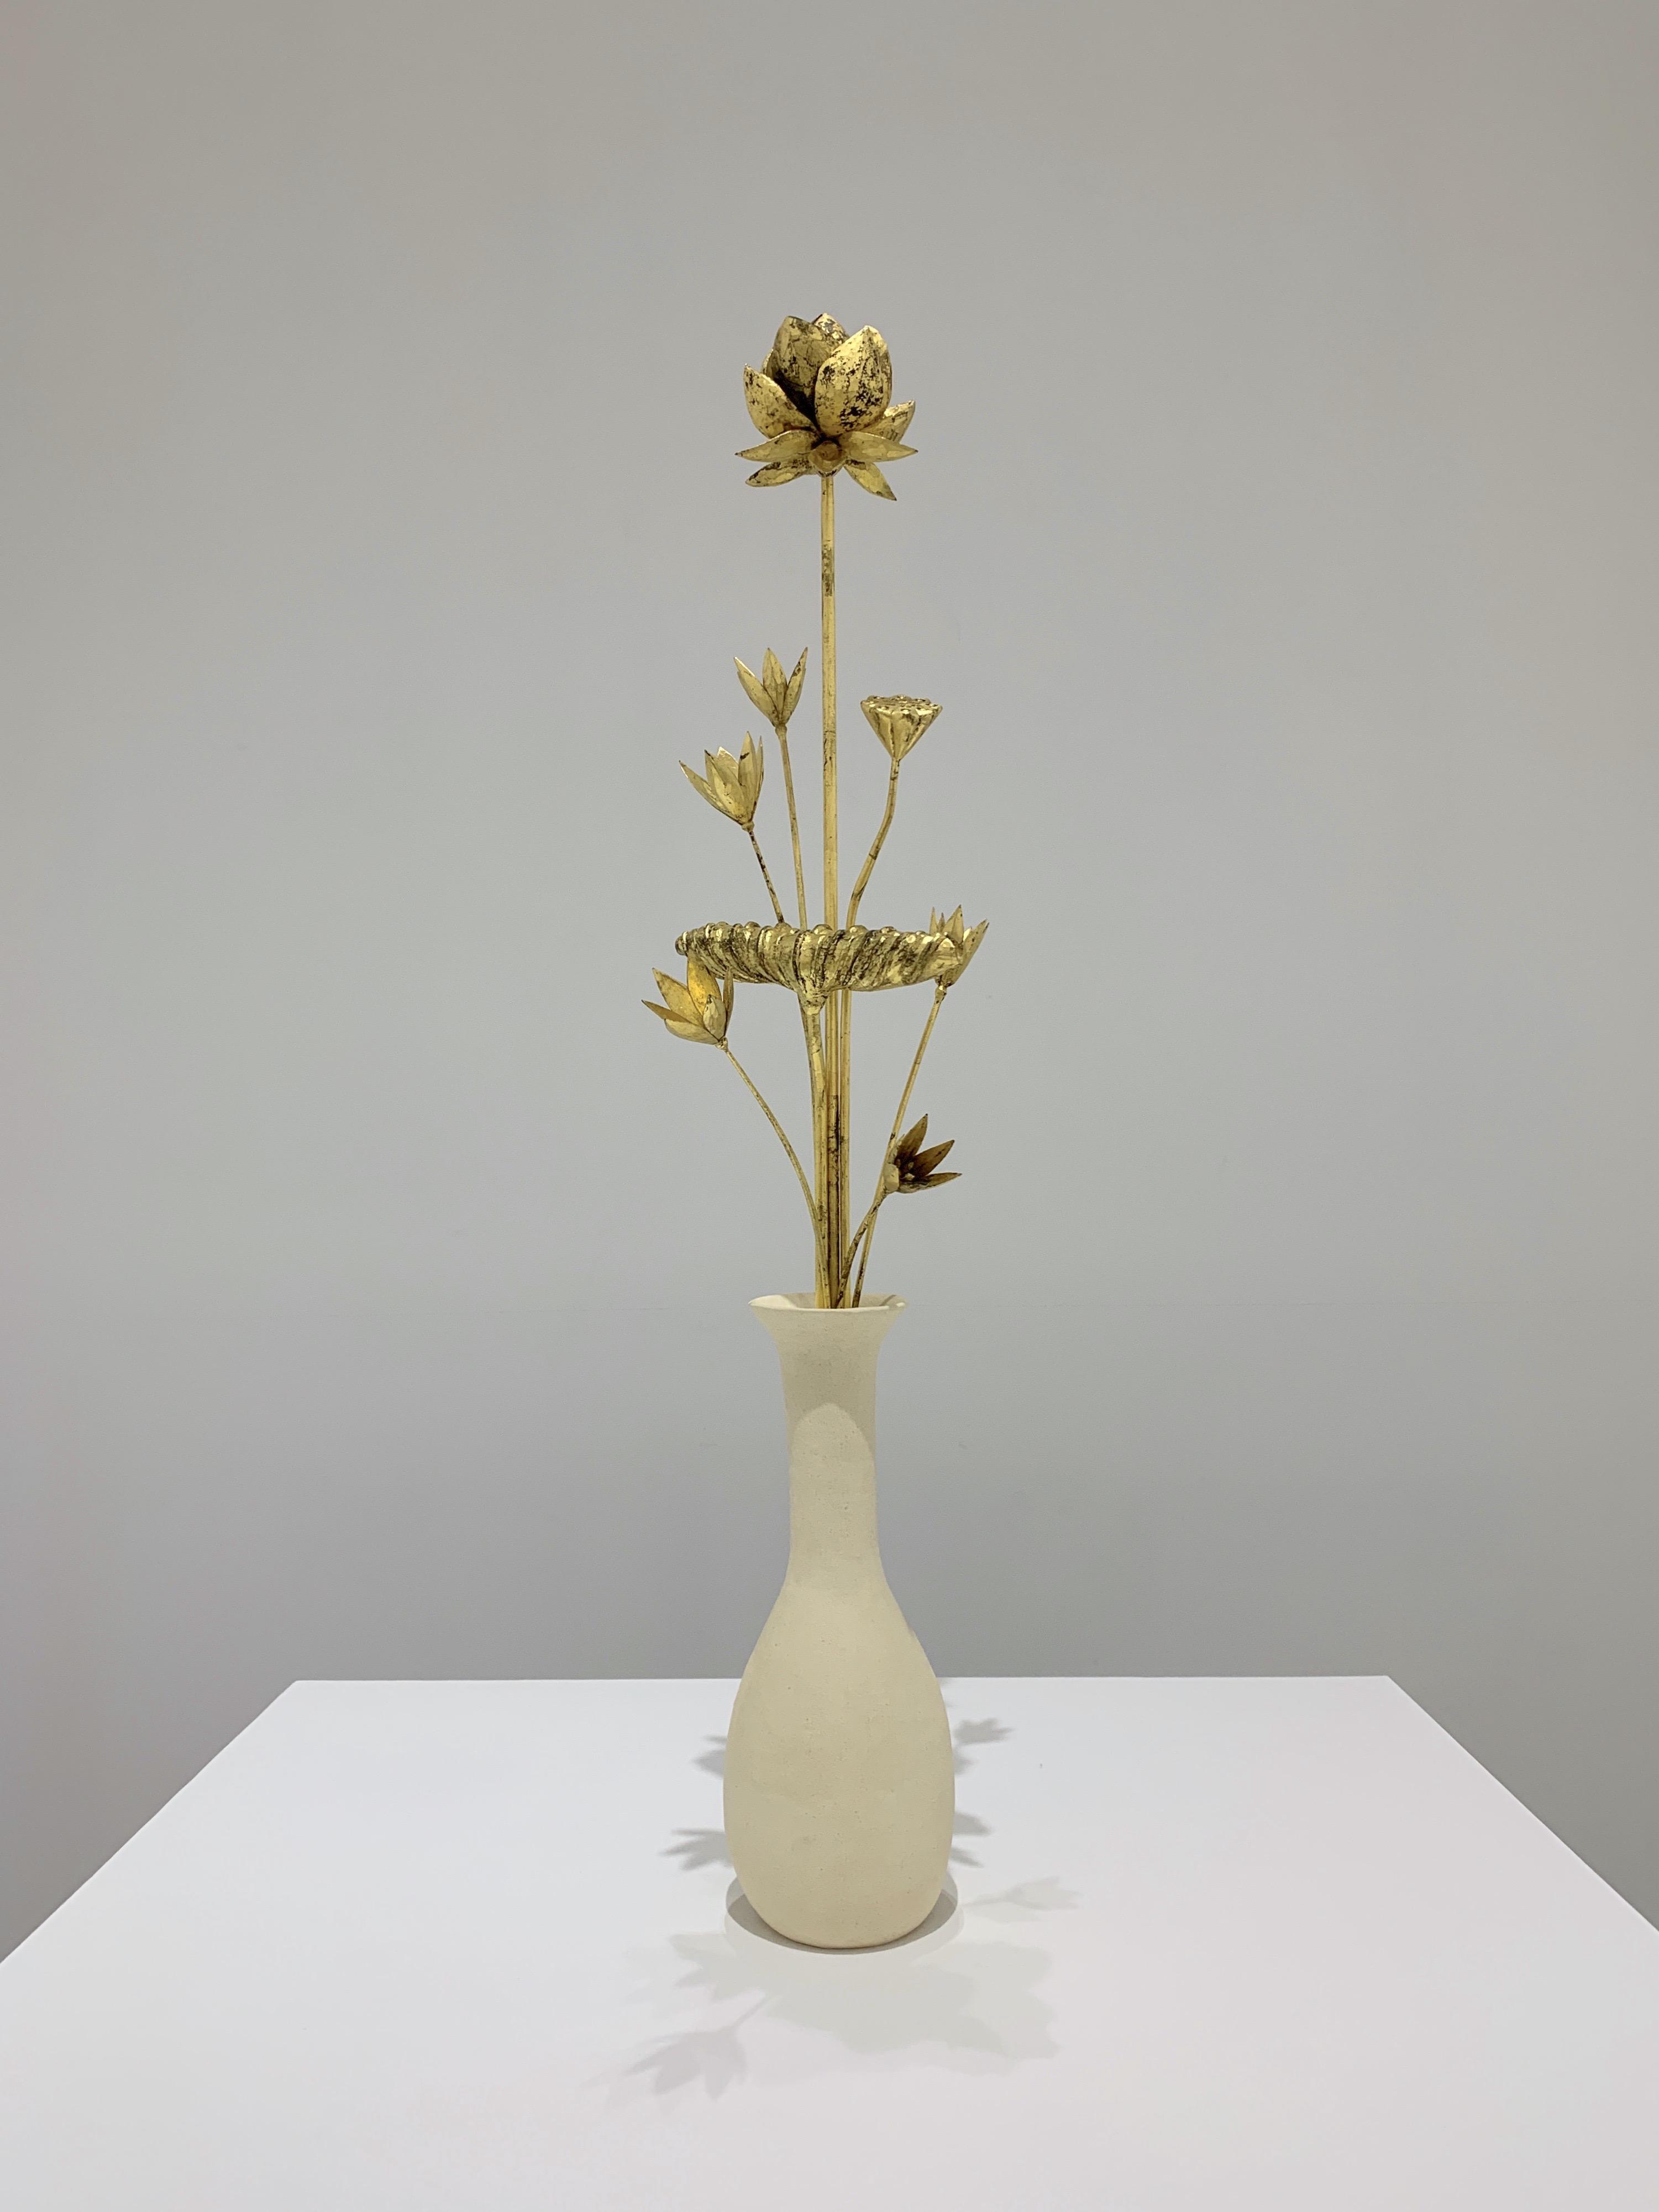 《花と花瓶_1》Flower and Vase_1